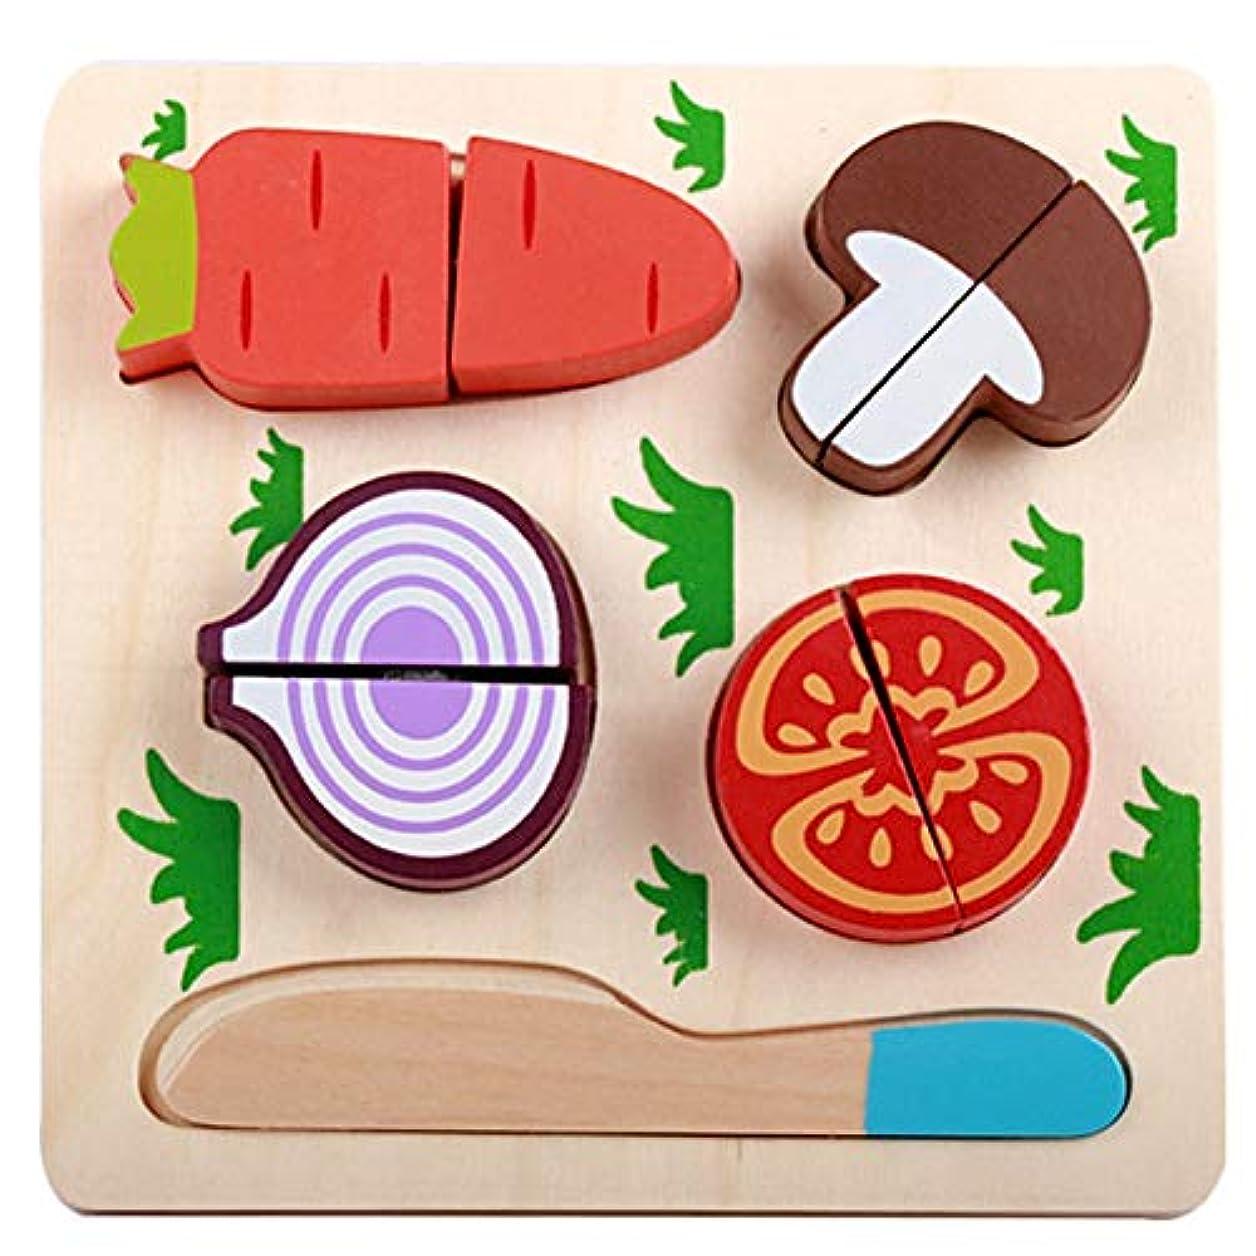 匹敵します魅了する参照するMoligh doll 木のおもちゃ キッチン カットフルーツ 野菜 デザート 子供料理キッチングッズ食品 ふりプレイ パズル教育玩具 子供用、C